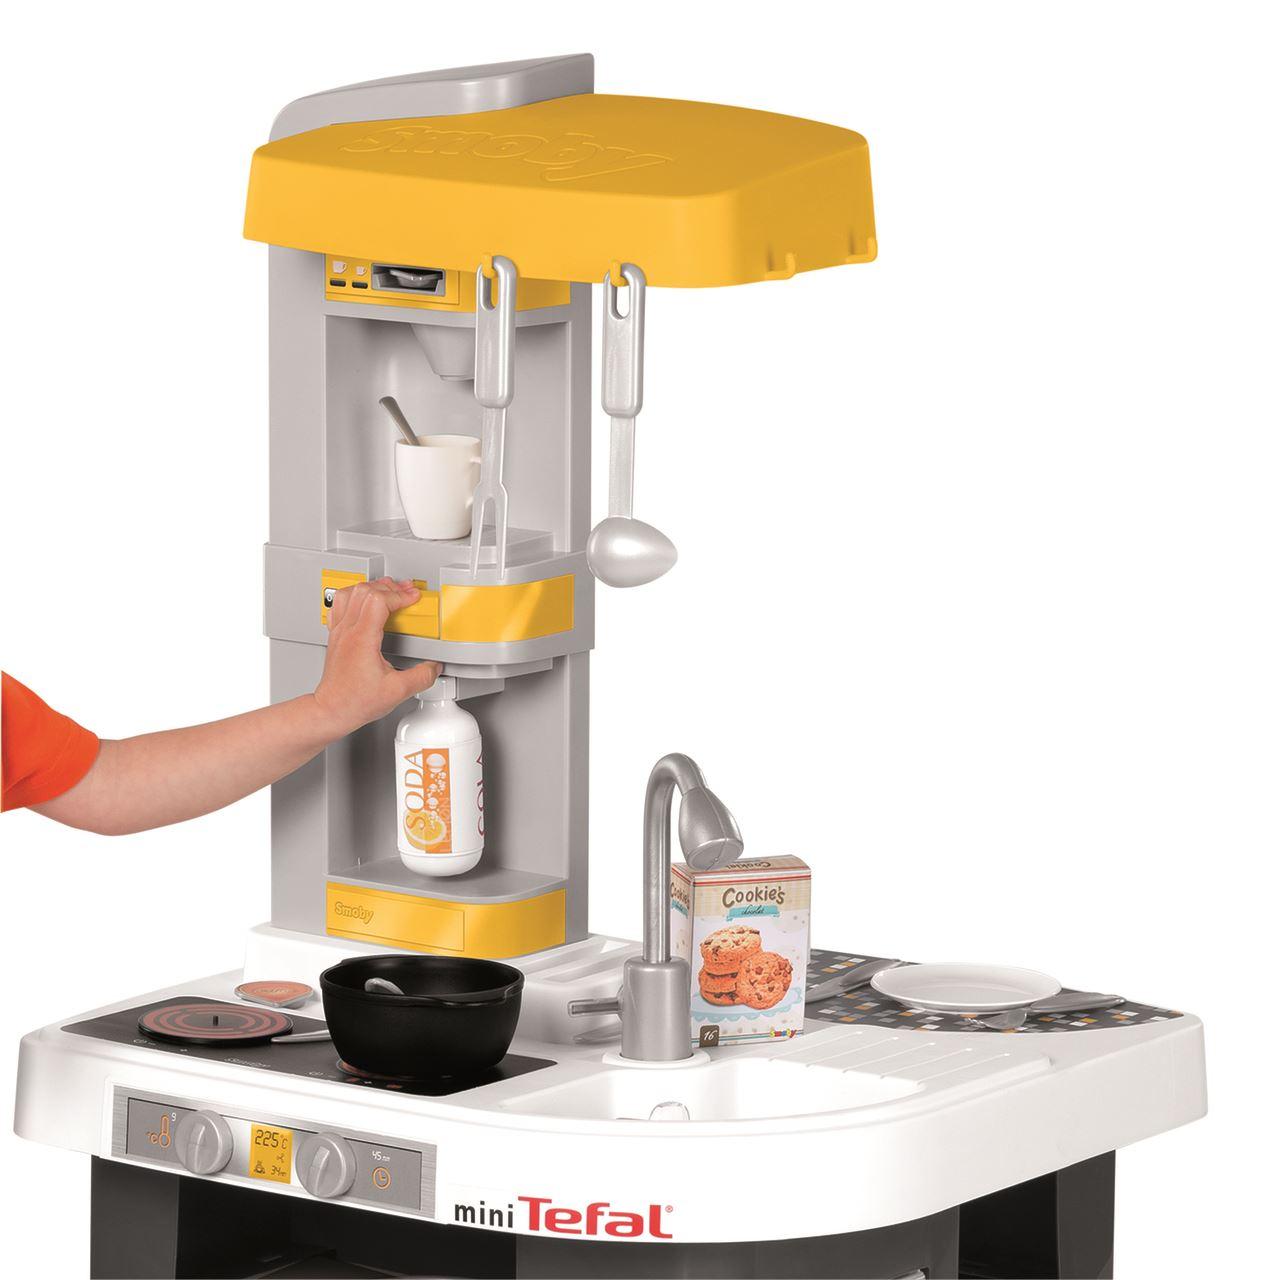 Kuchnia tefal mini zdob d najnowsze for Kitchen set zabawka